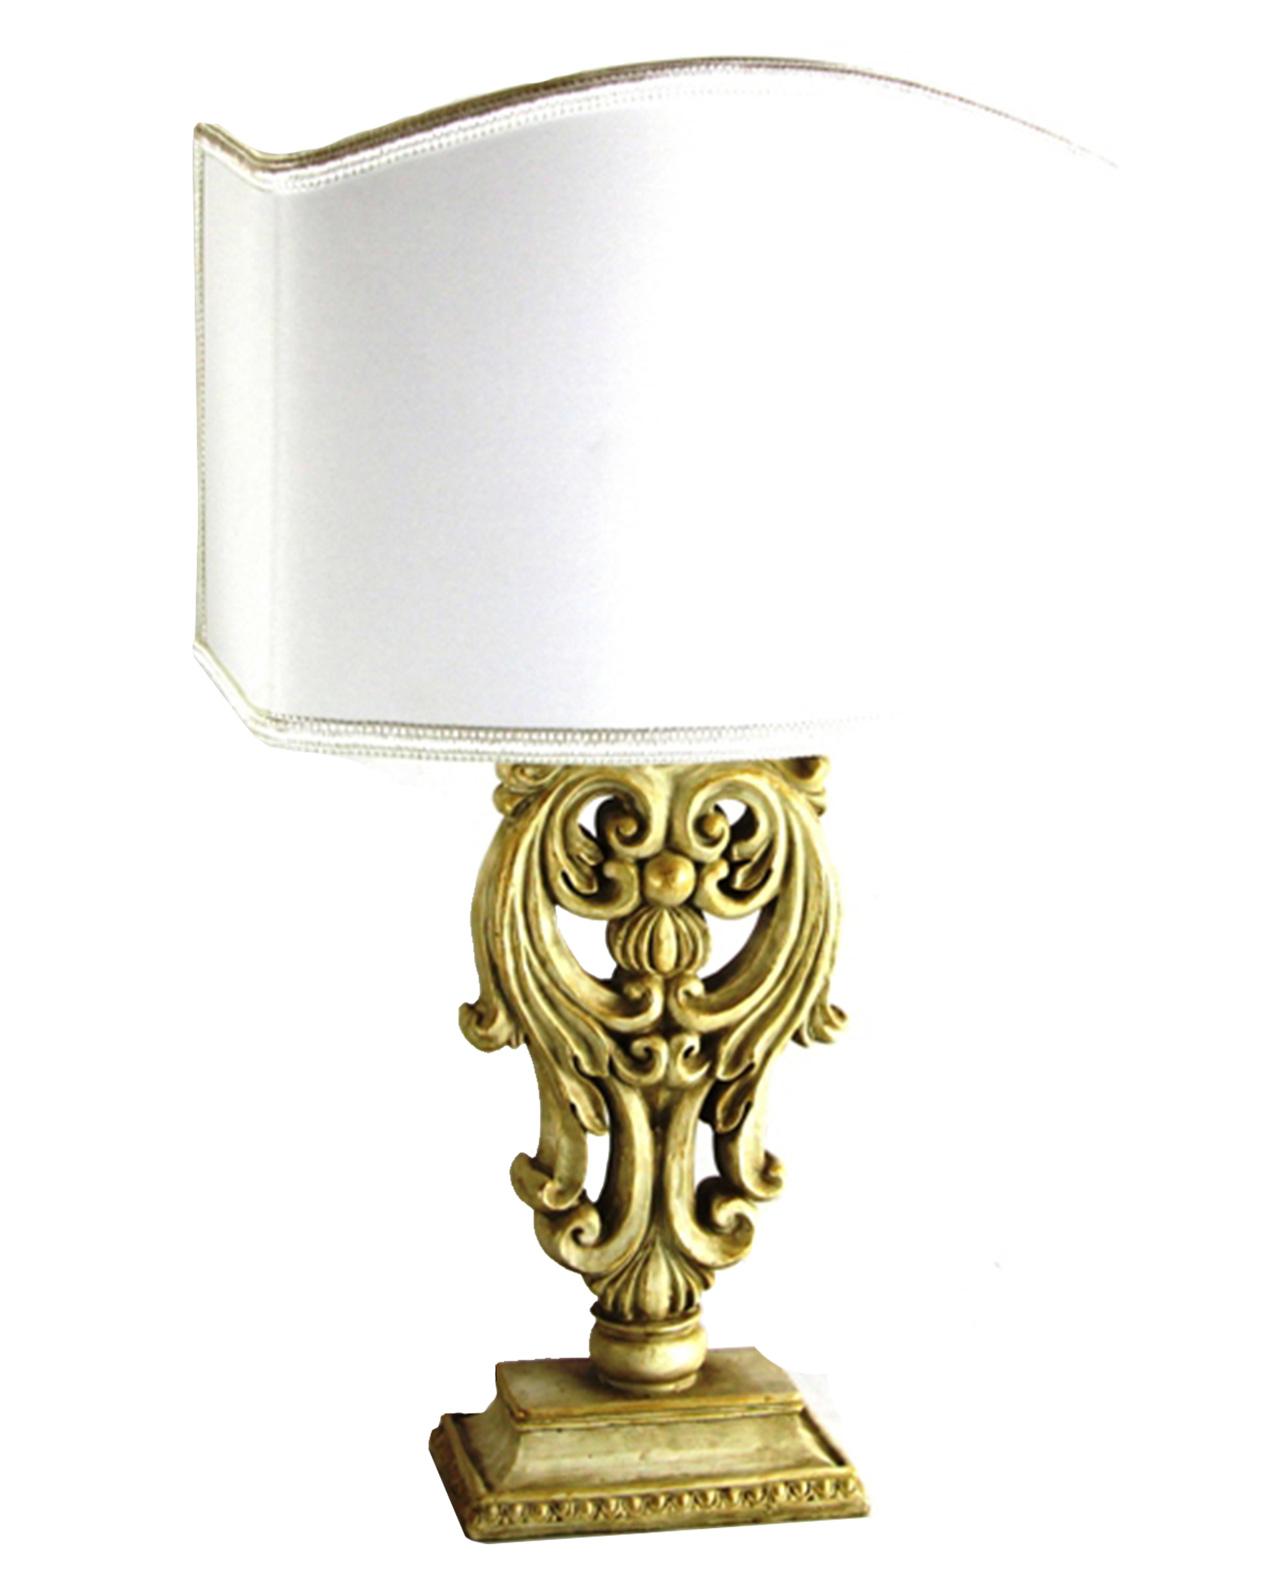 Lampada classica legno stile barocco grande e piccola mobilia store home favours - Lampade da tavolo classiche ...